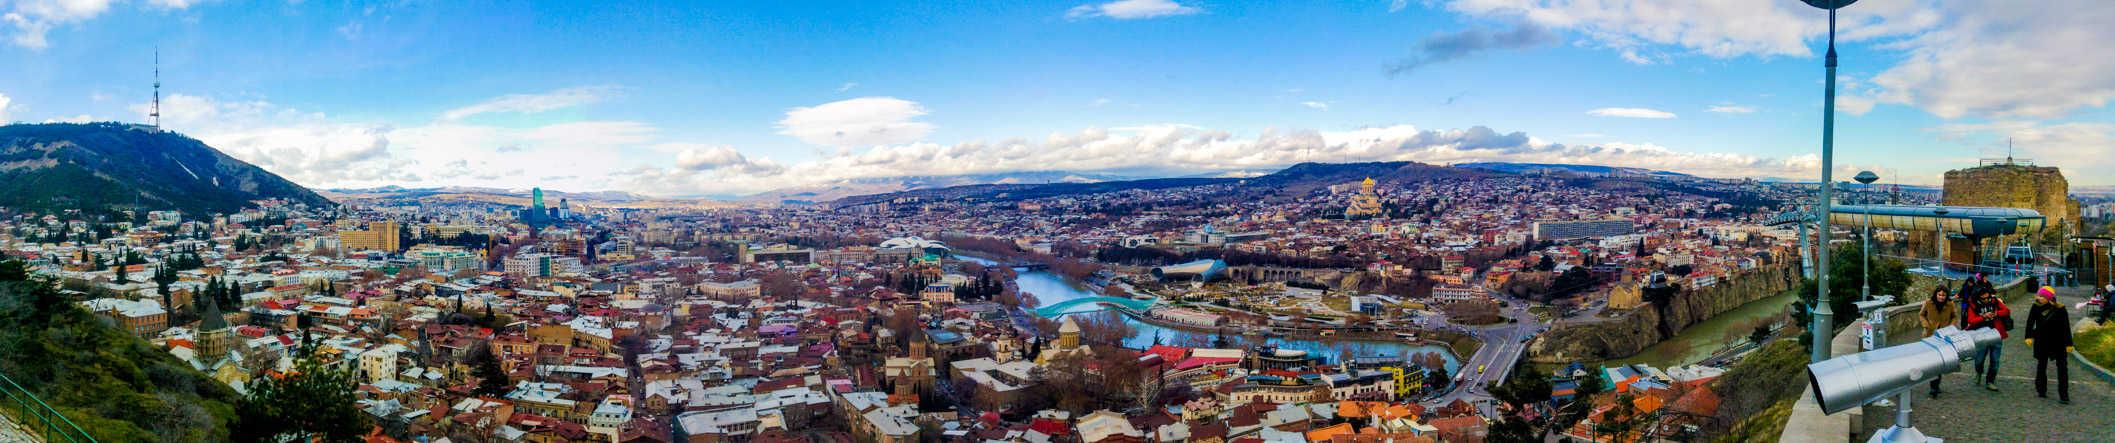 Tbilsi panoramic view over Georgia capital